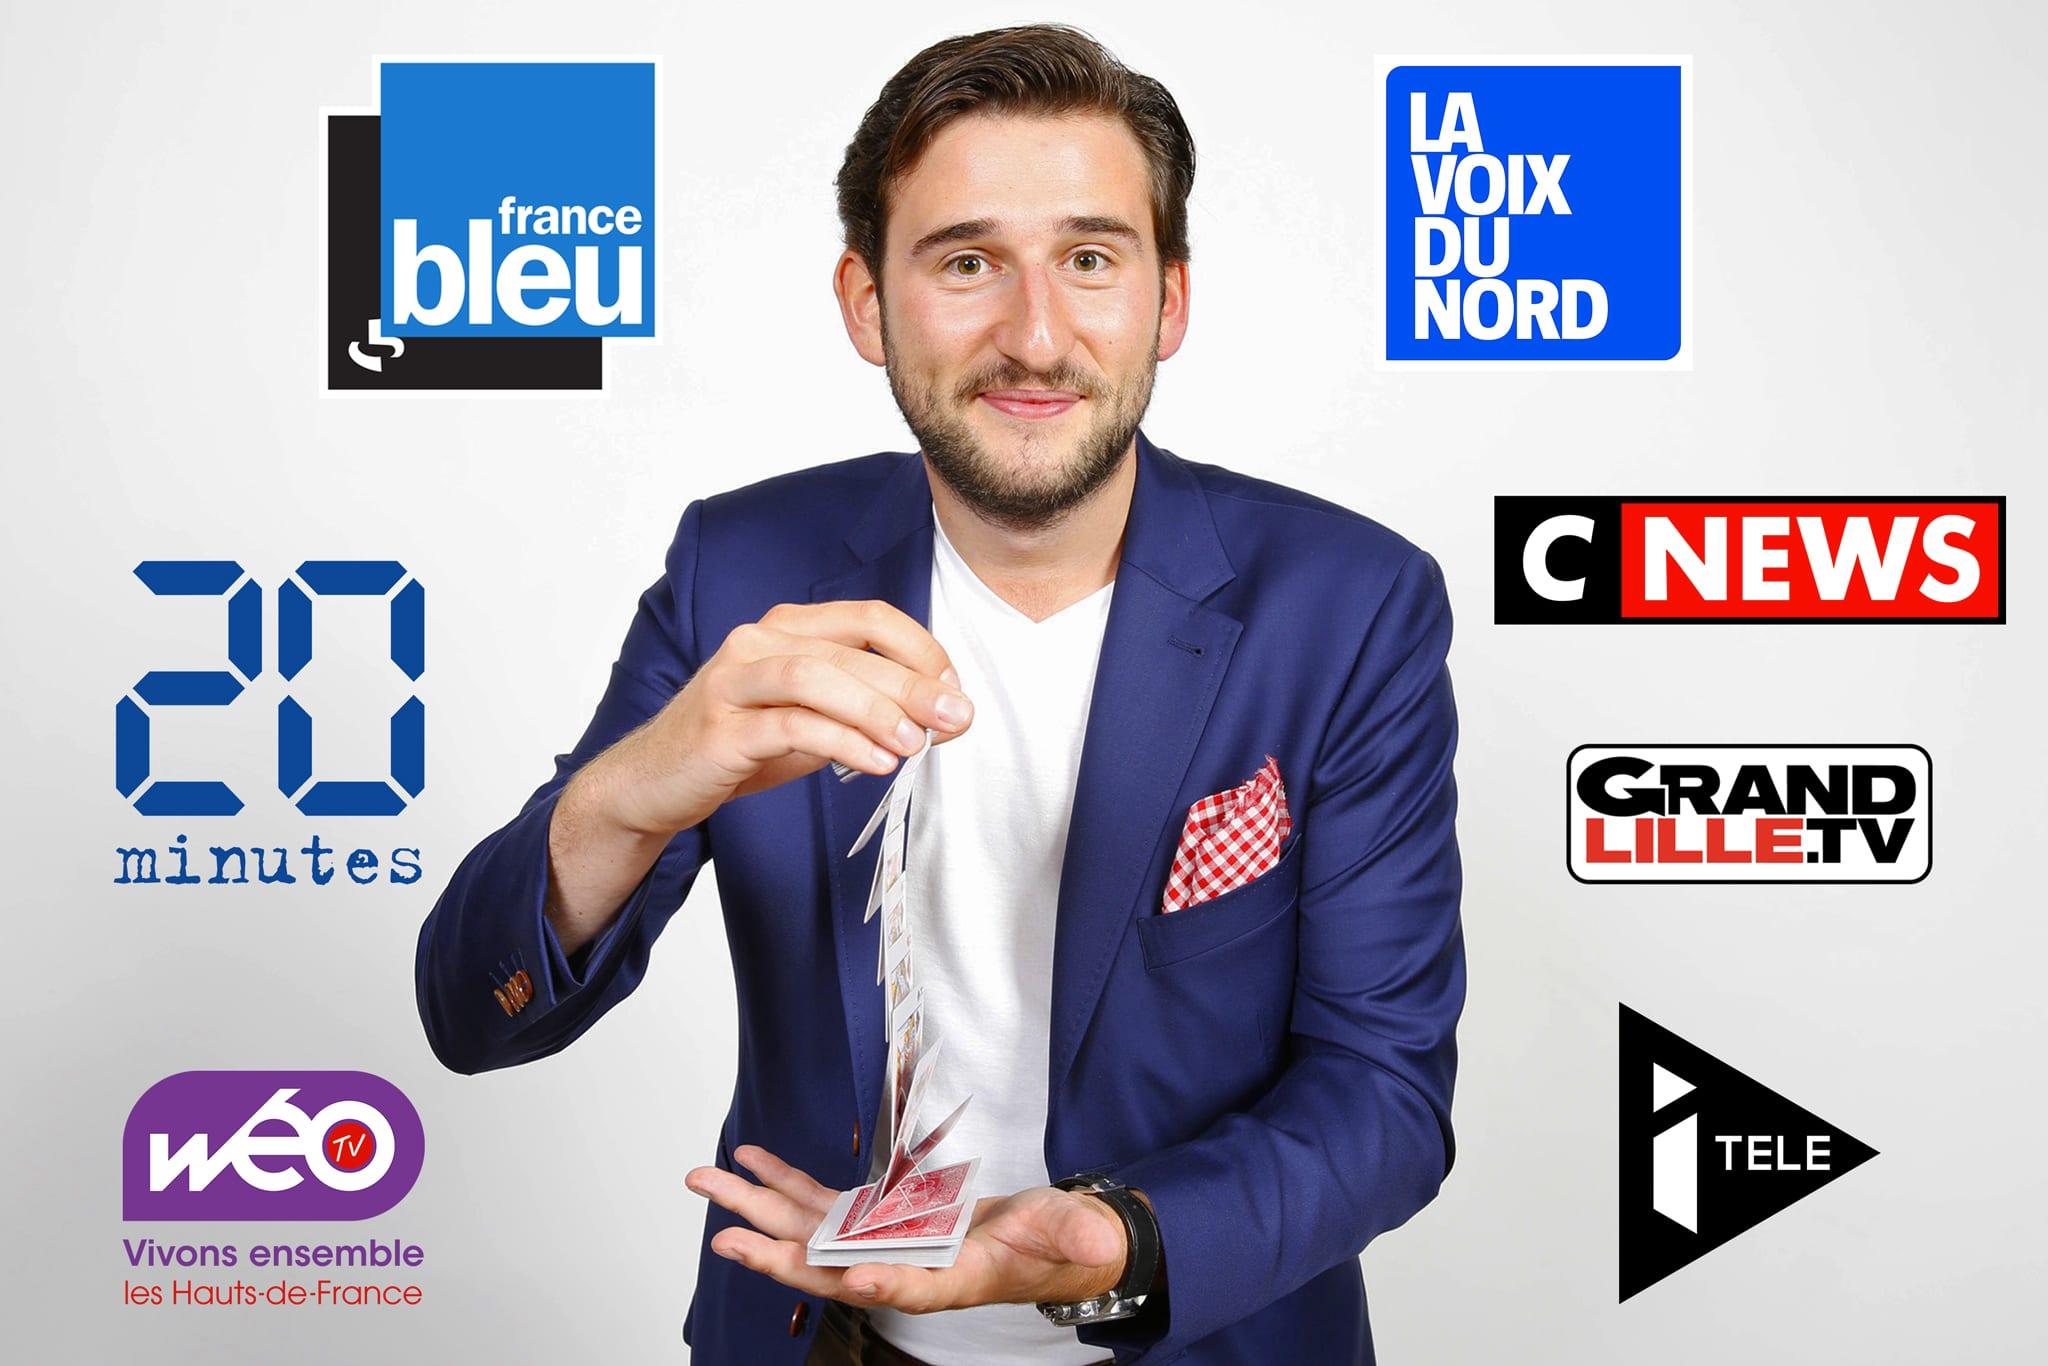 Tom Le Magicien - TV